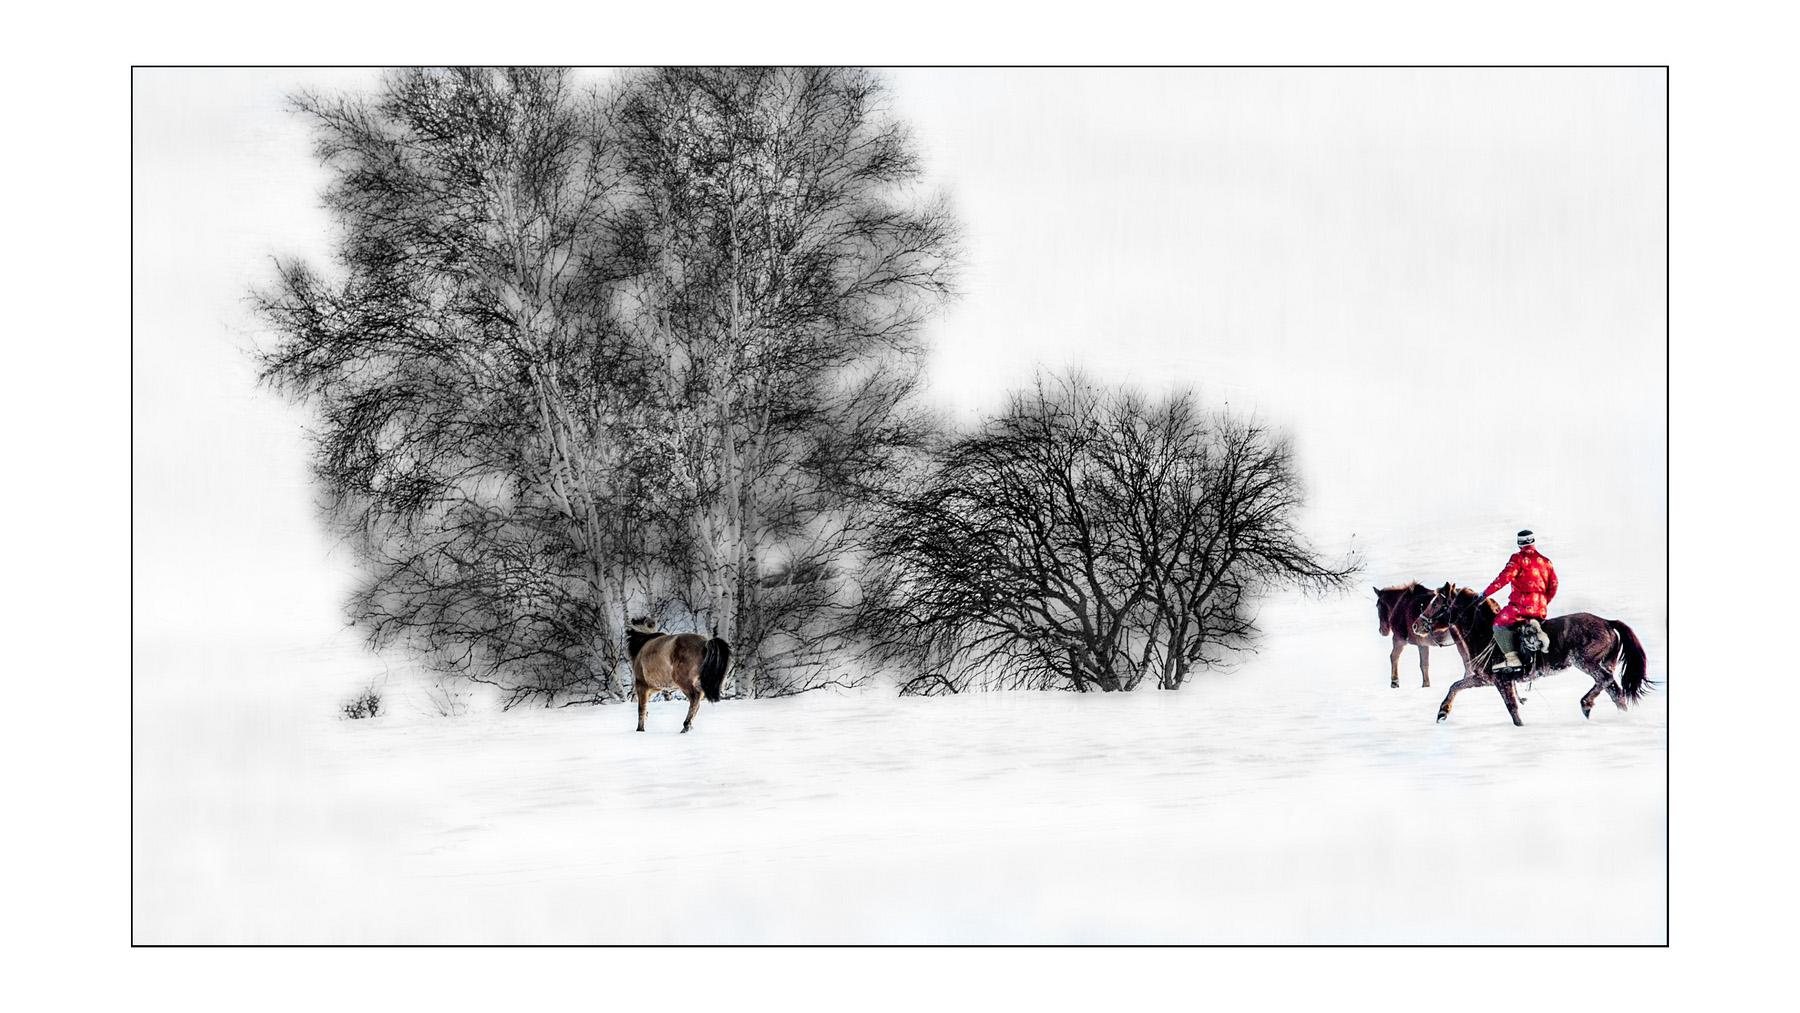 山海原野作品:雪野马倌